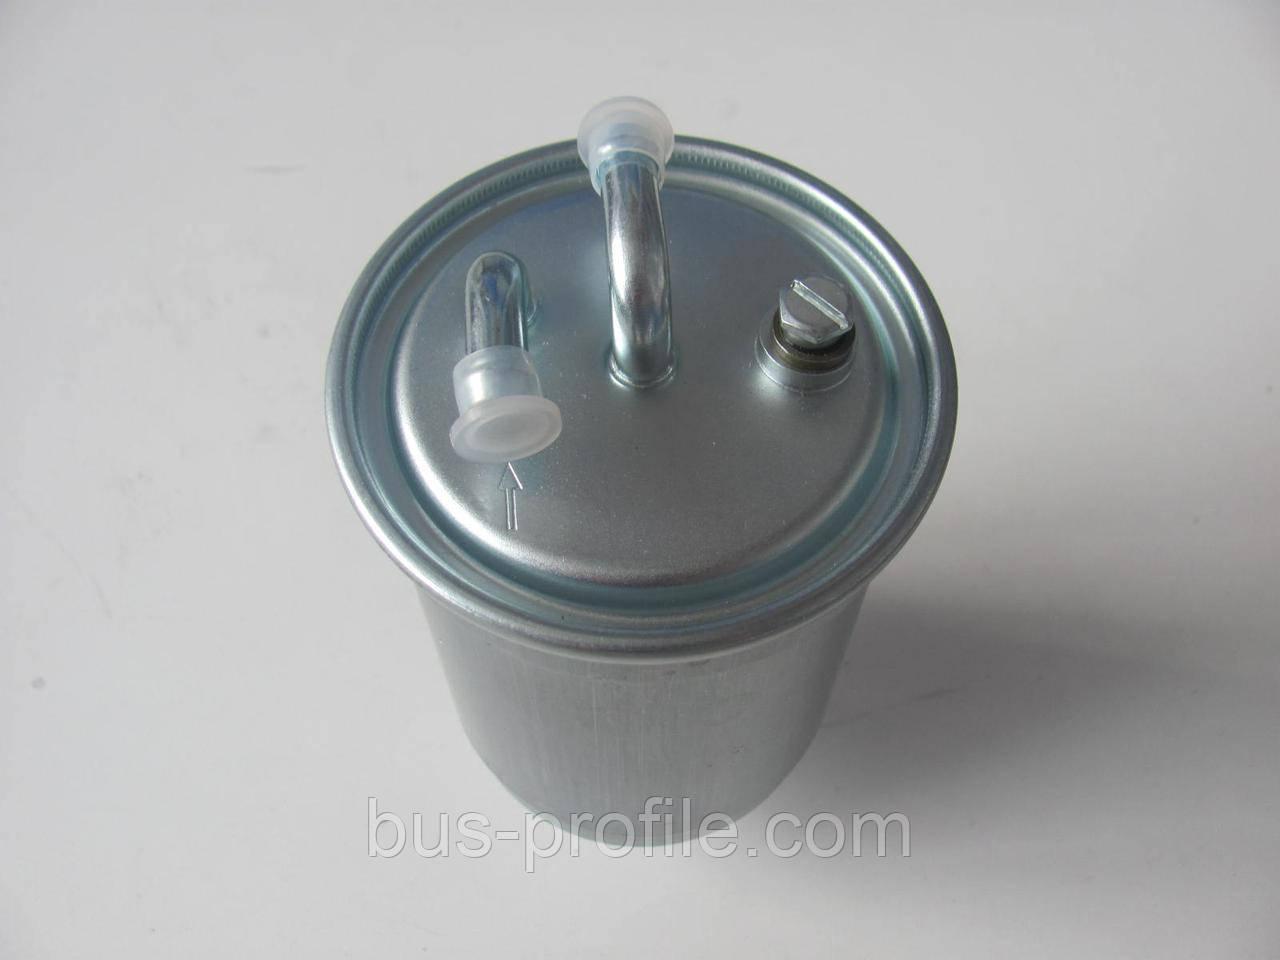 Фильтр топливный VW LT 2.4D -88/T3 1.6D/TD -88/Golf II -87 — MEYLE — 100 127 0006